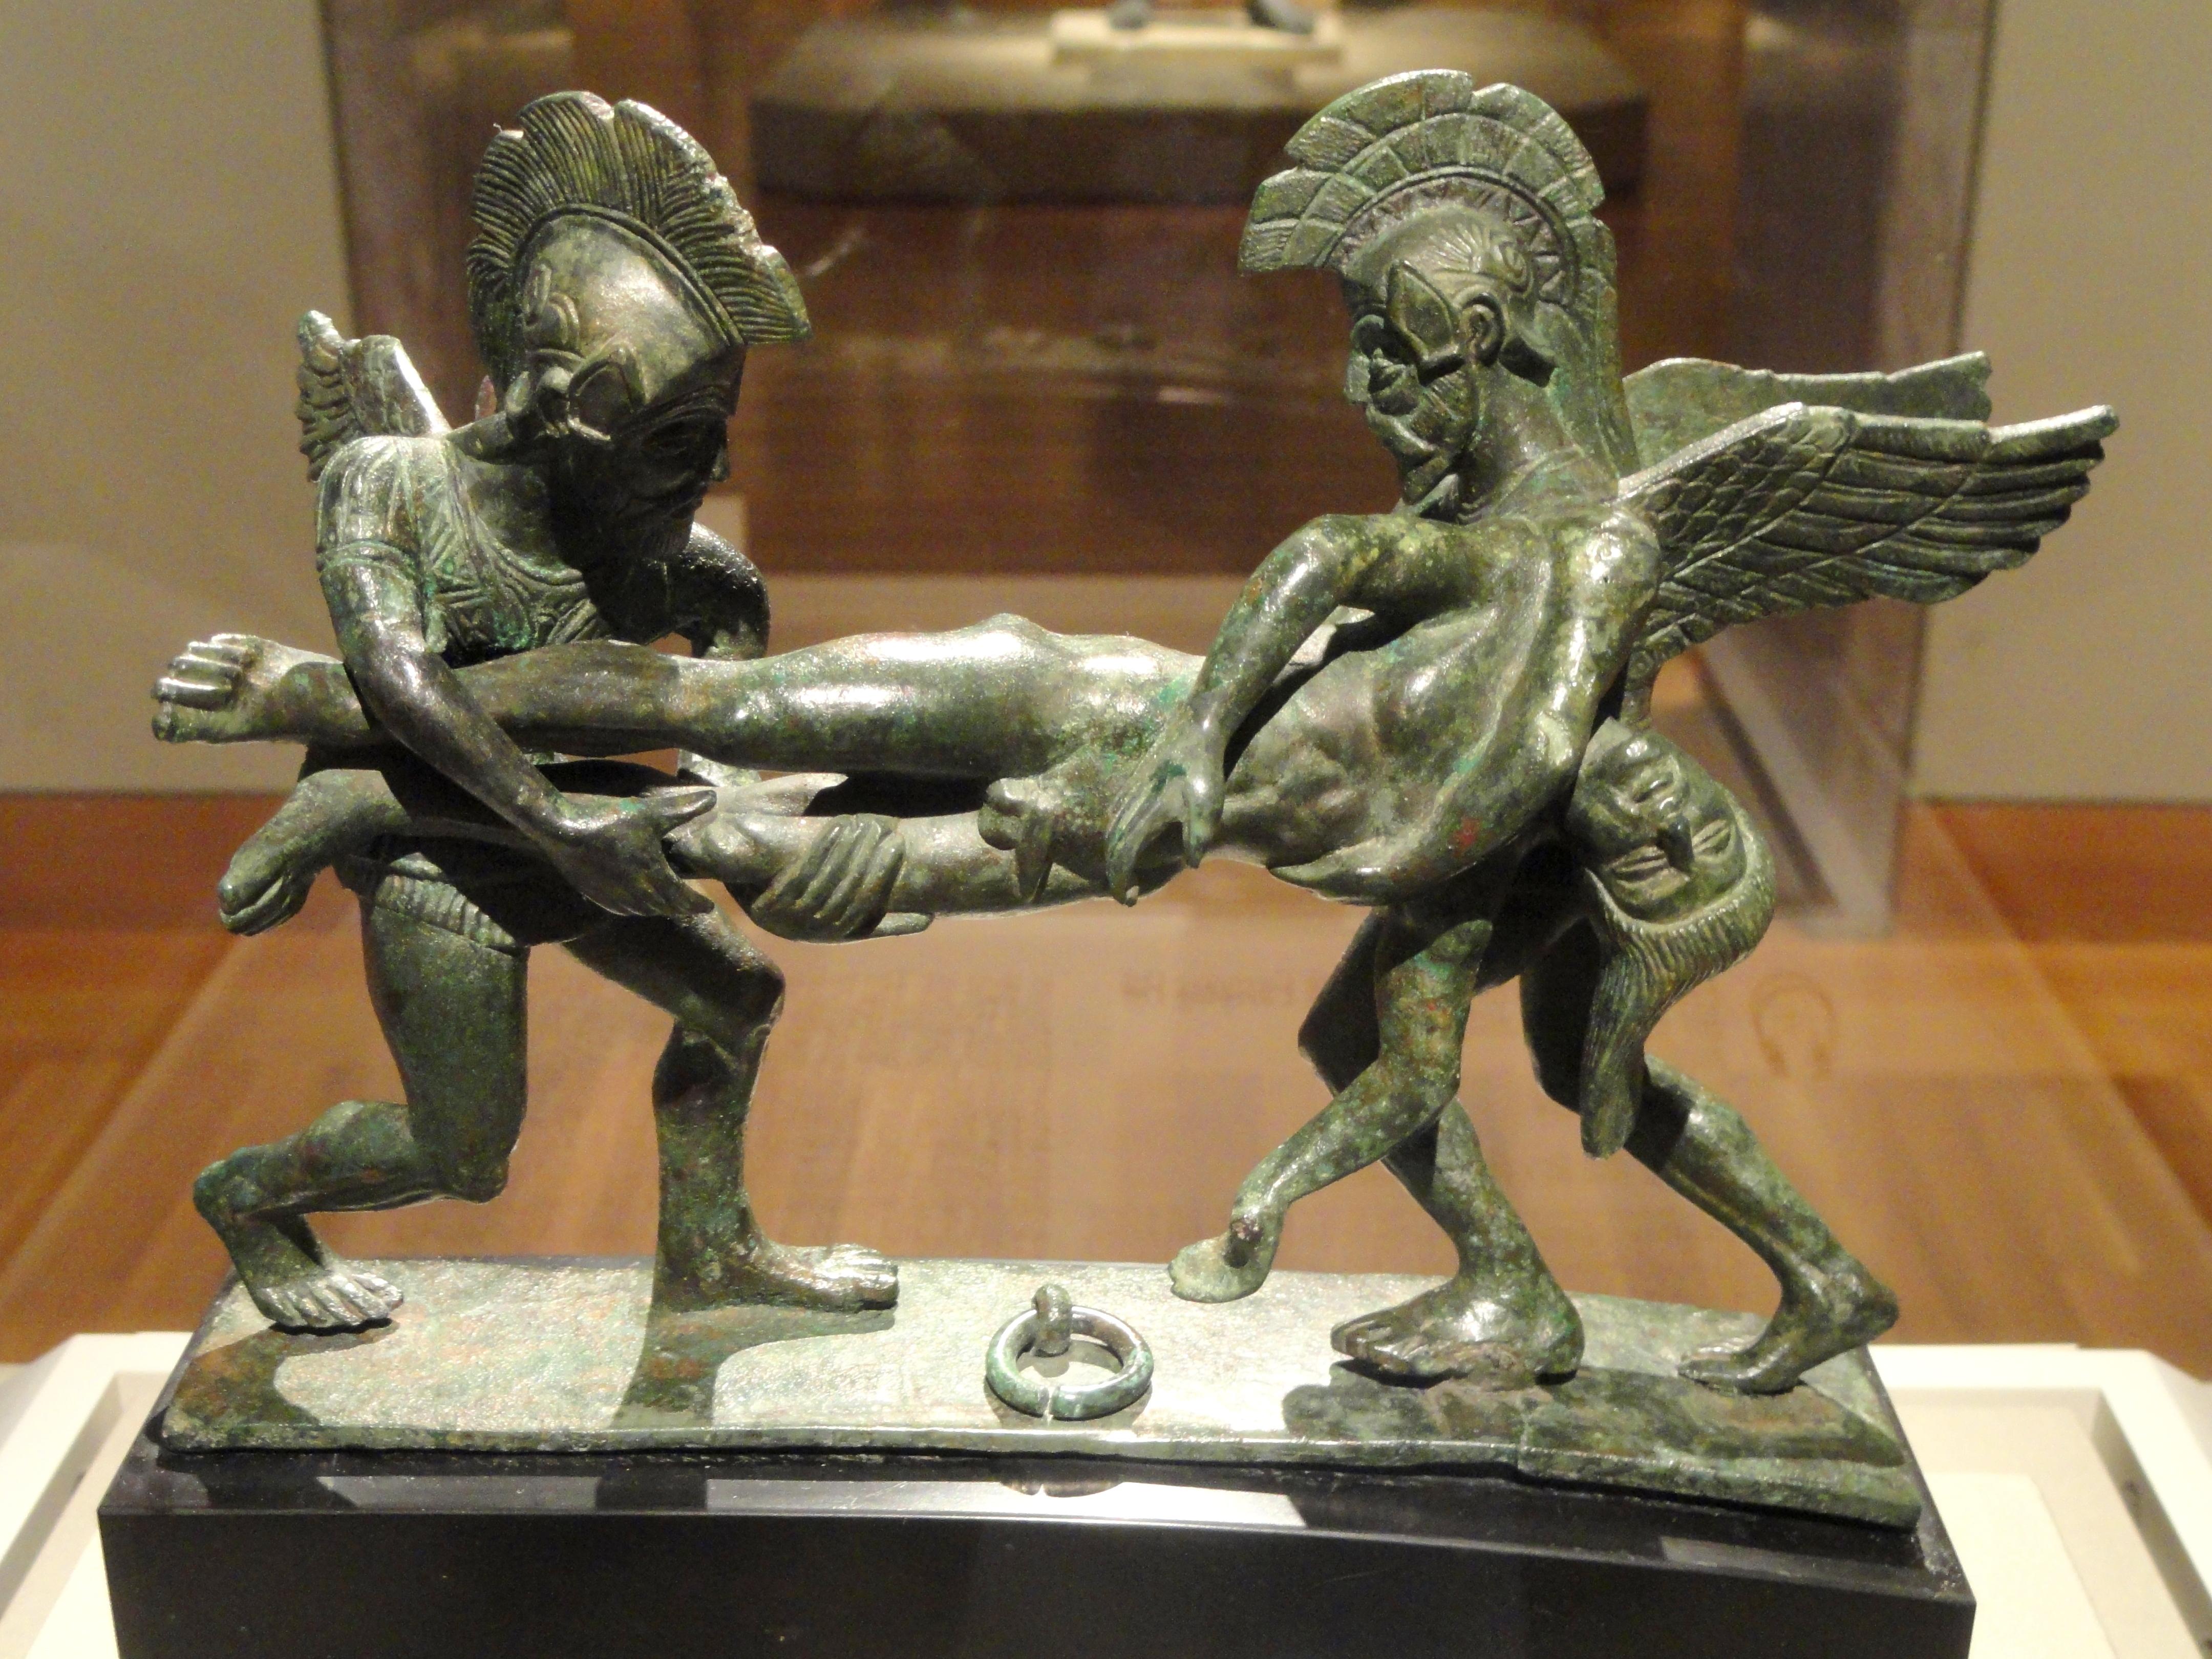 Erotic bronze artefact